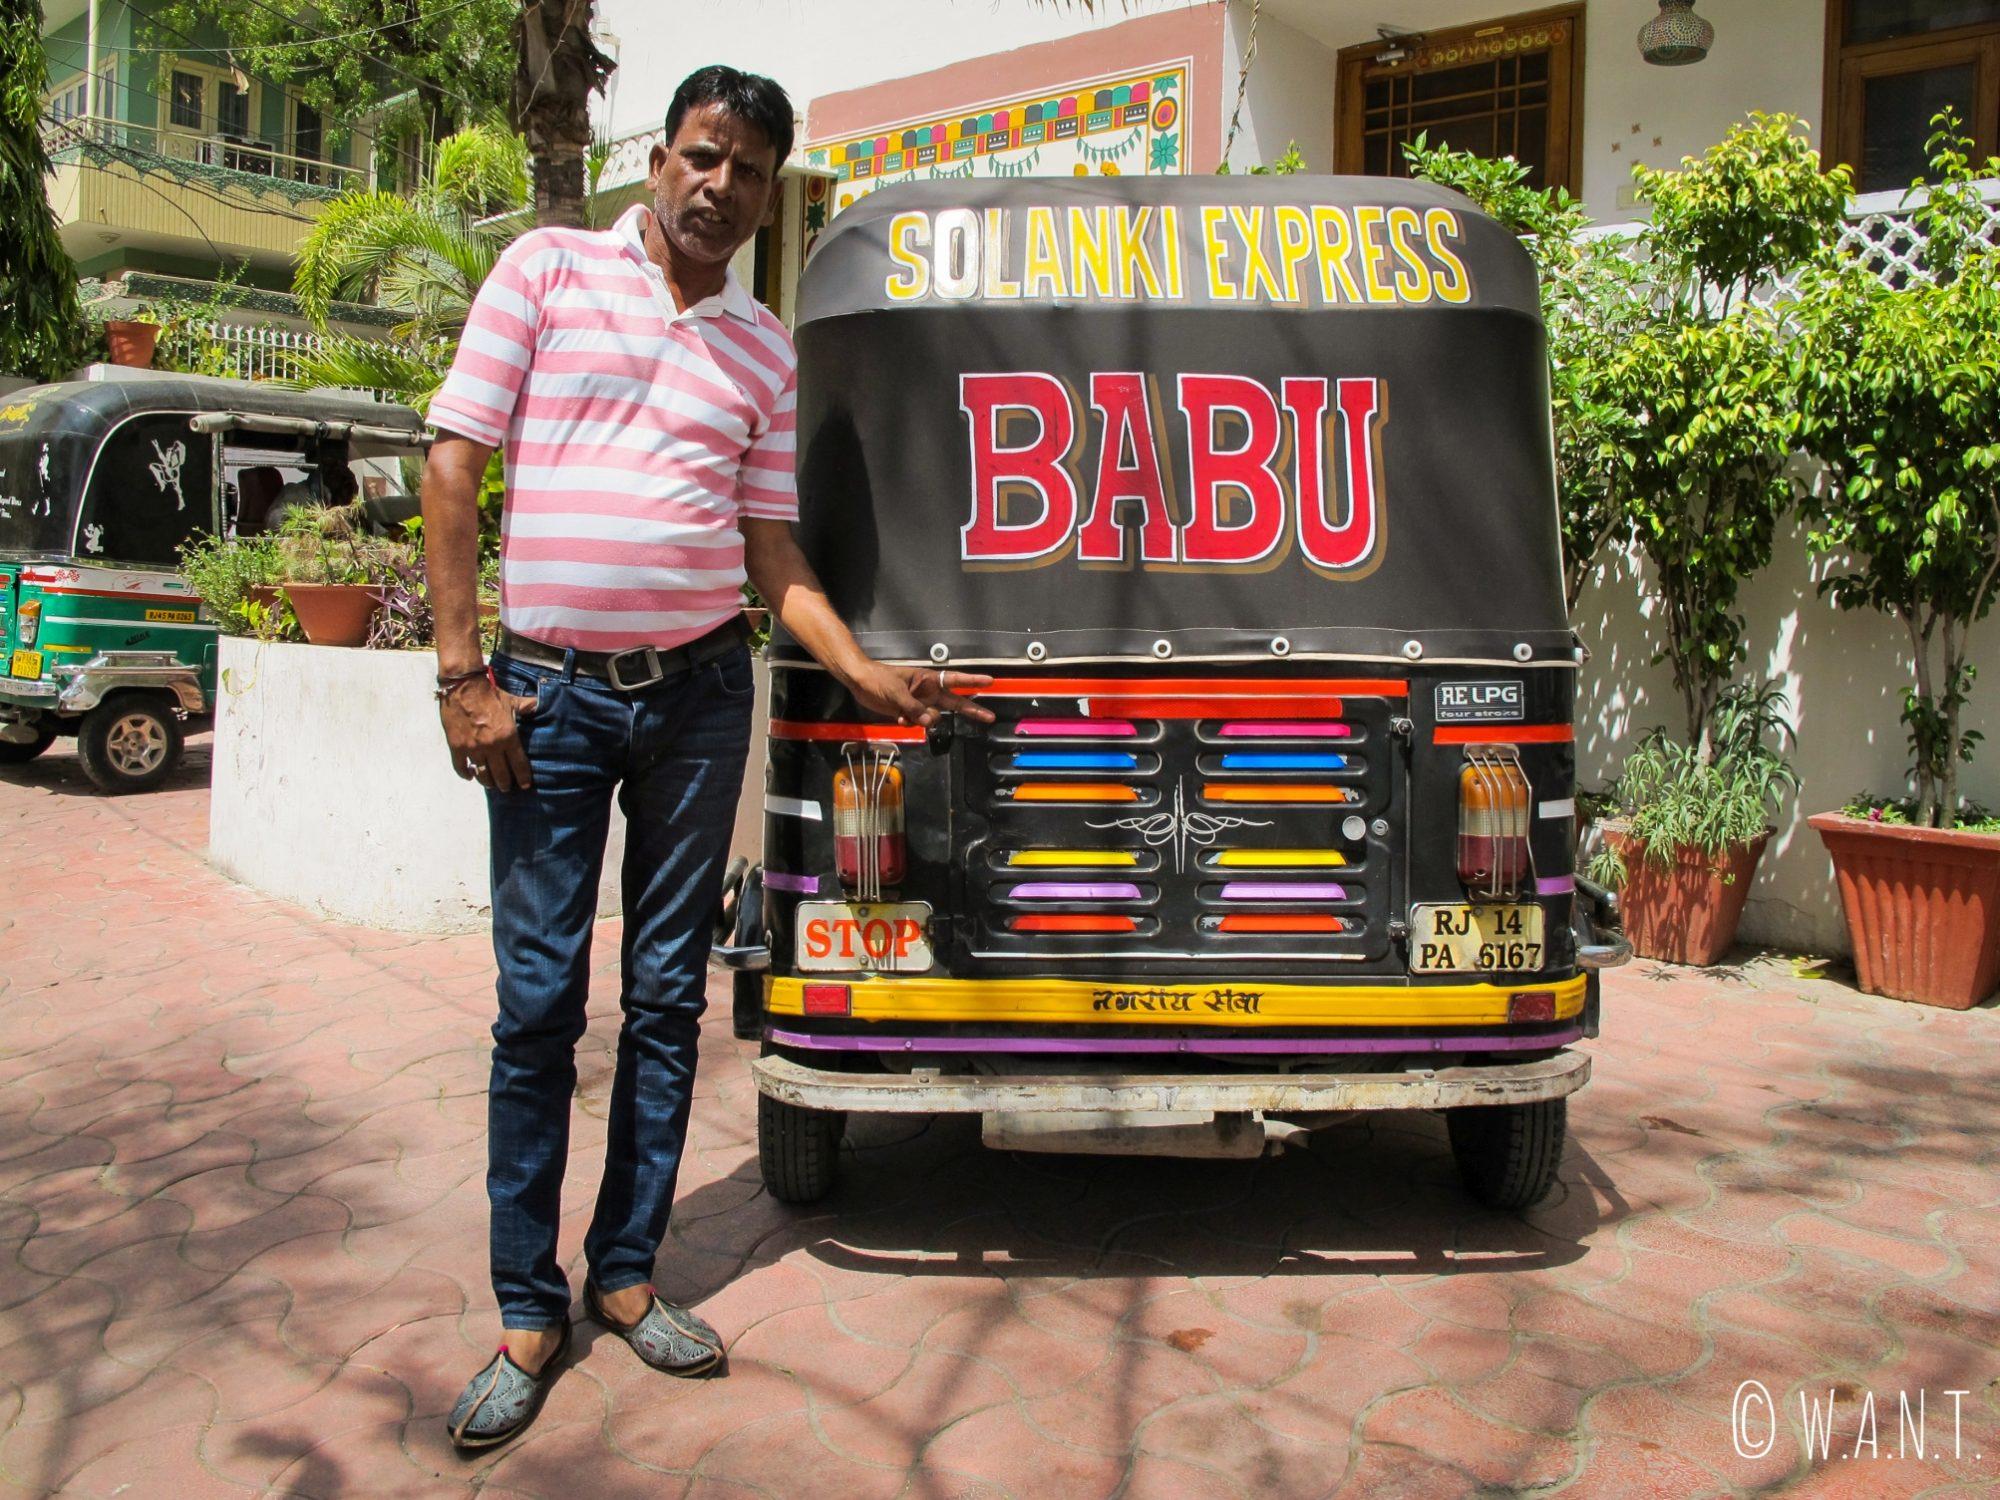 Notre chauffeur de rickshaw Babu prend la pause lors de notre journée d'excursion aux abords de Jaipur